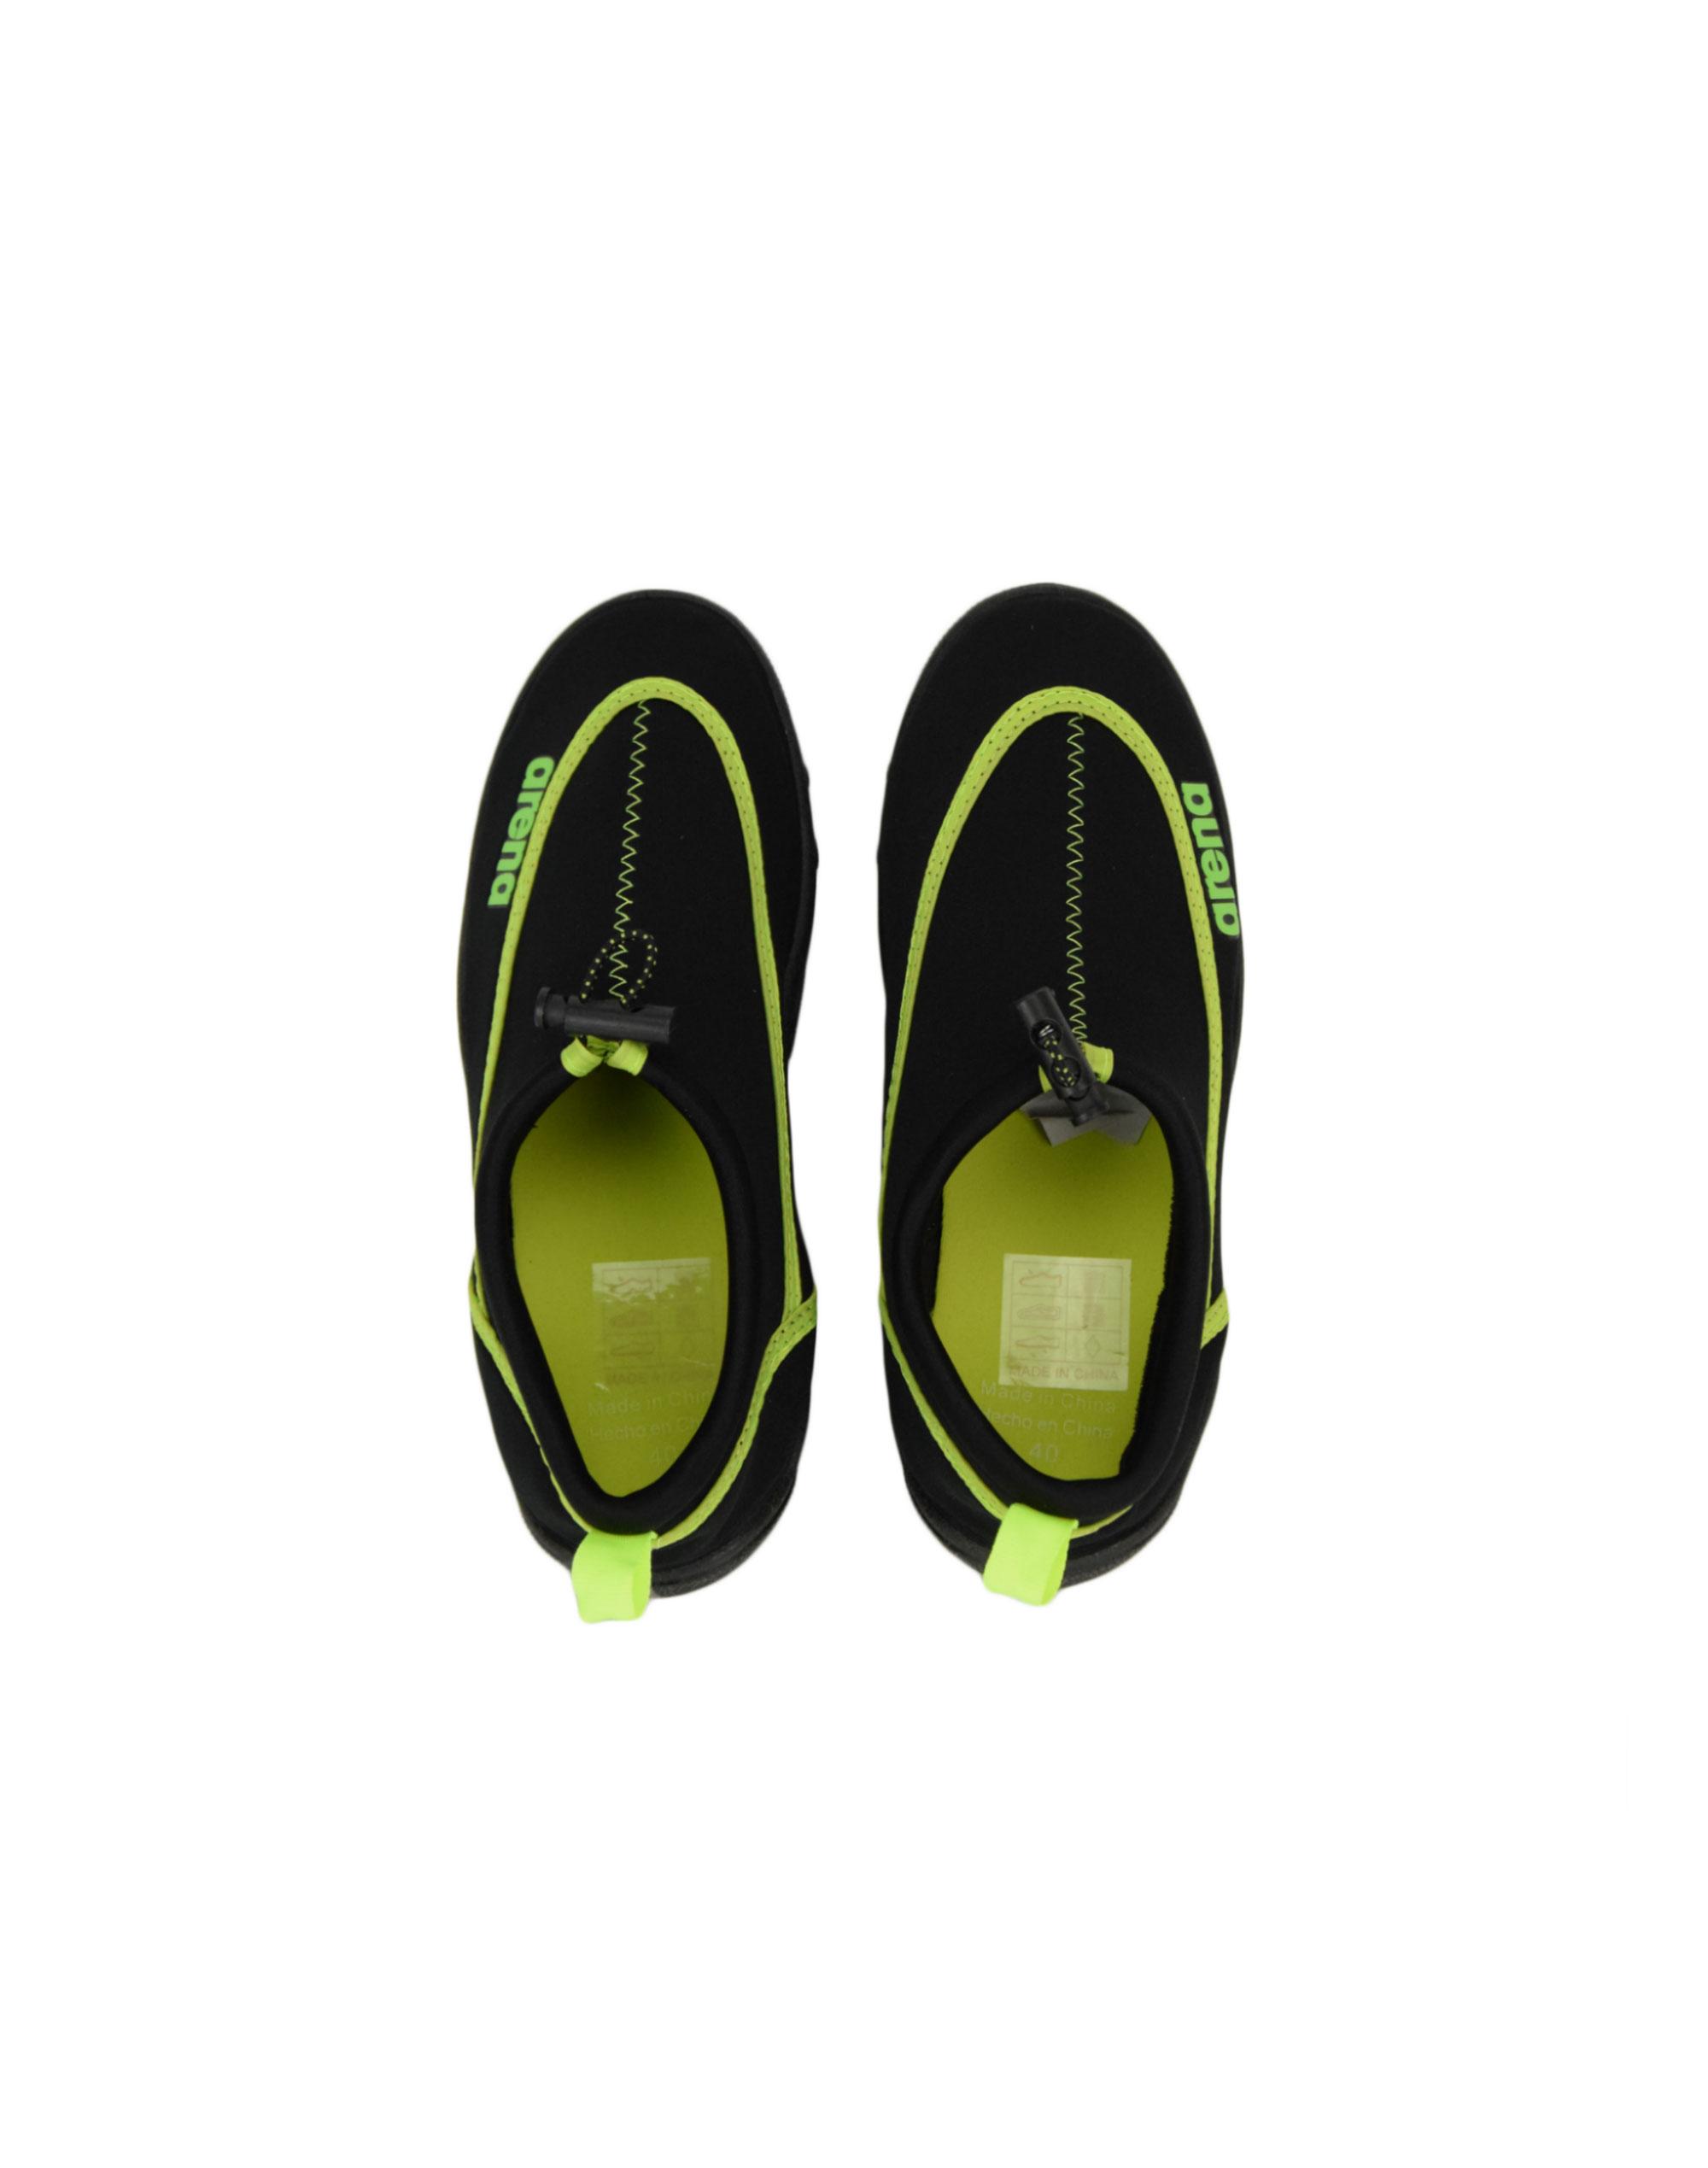 Arena Bow Polybag Shoes (1E030-50) Black/Neon Green